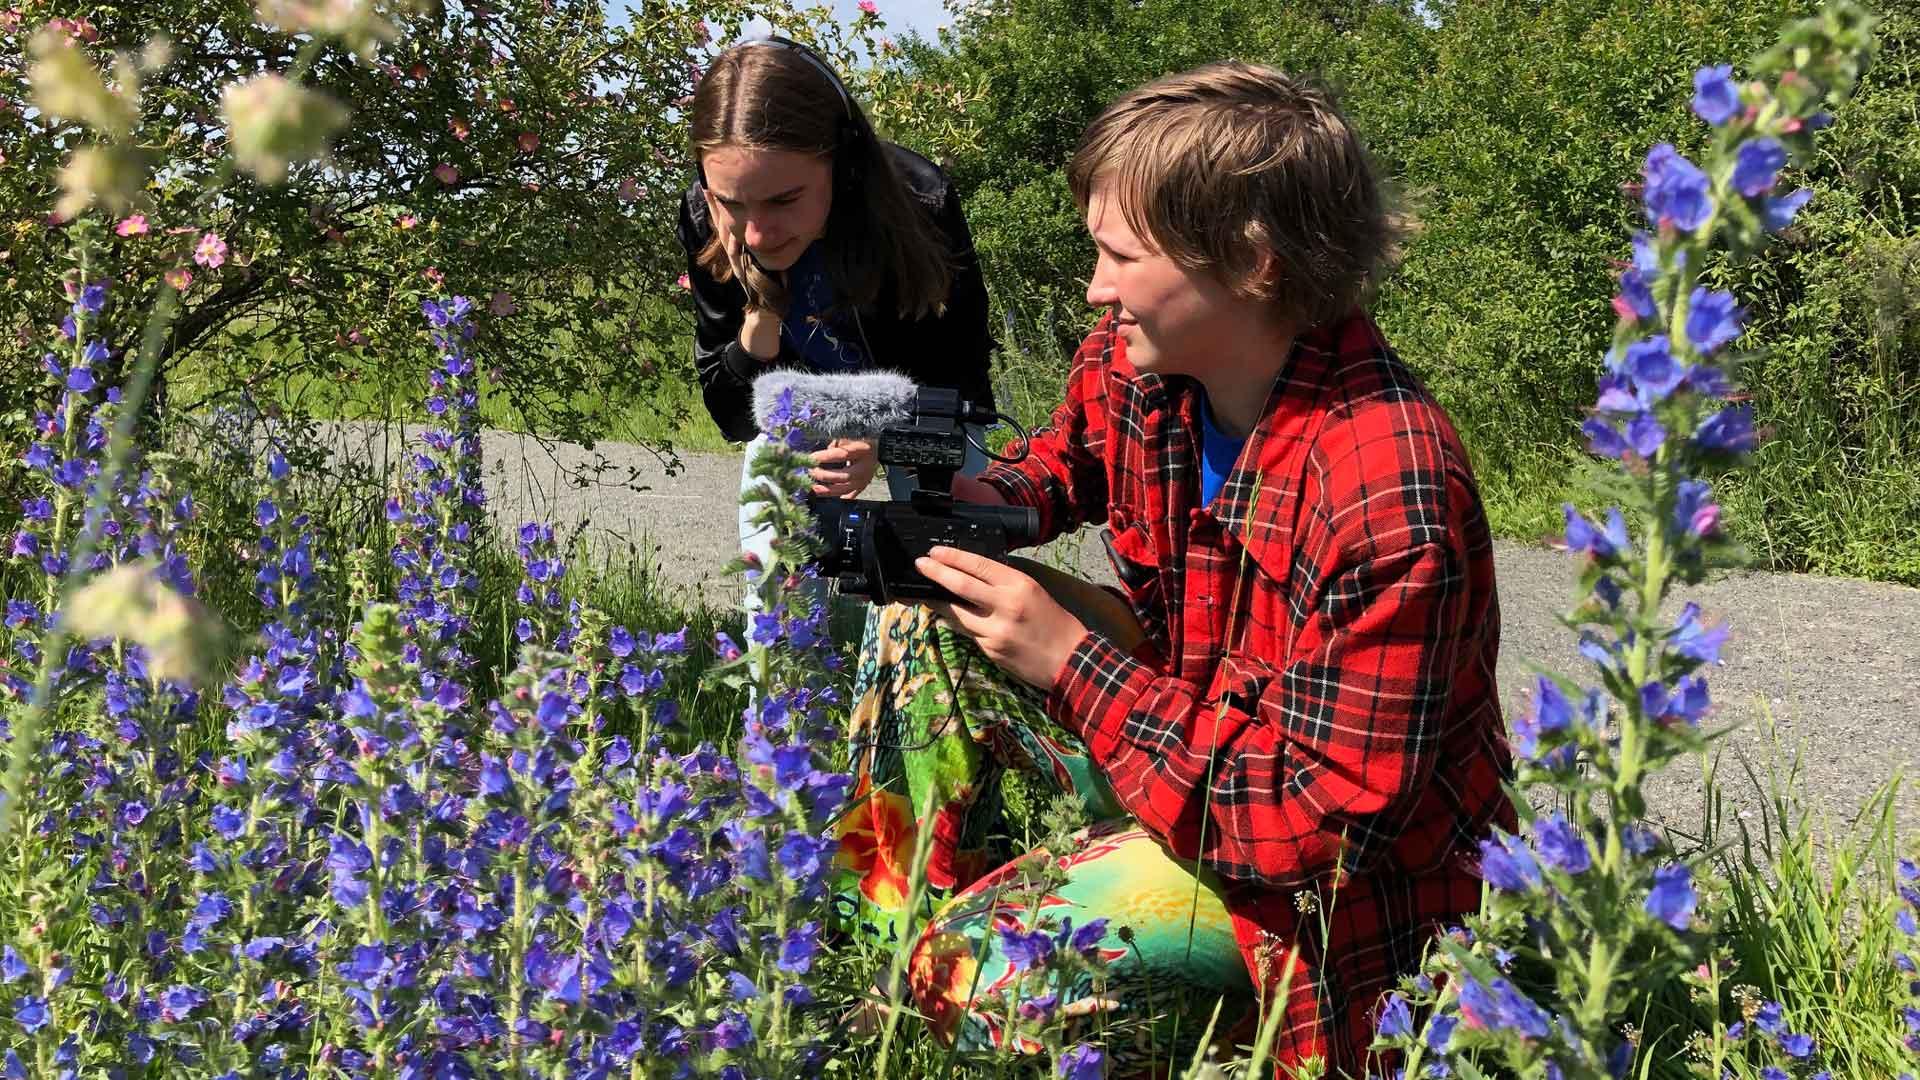 Naturfilmläger på naturum. Foto: Åsa Pearce